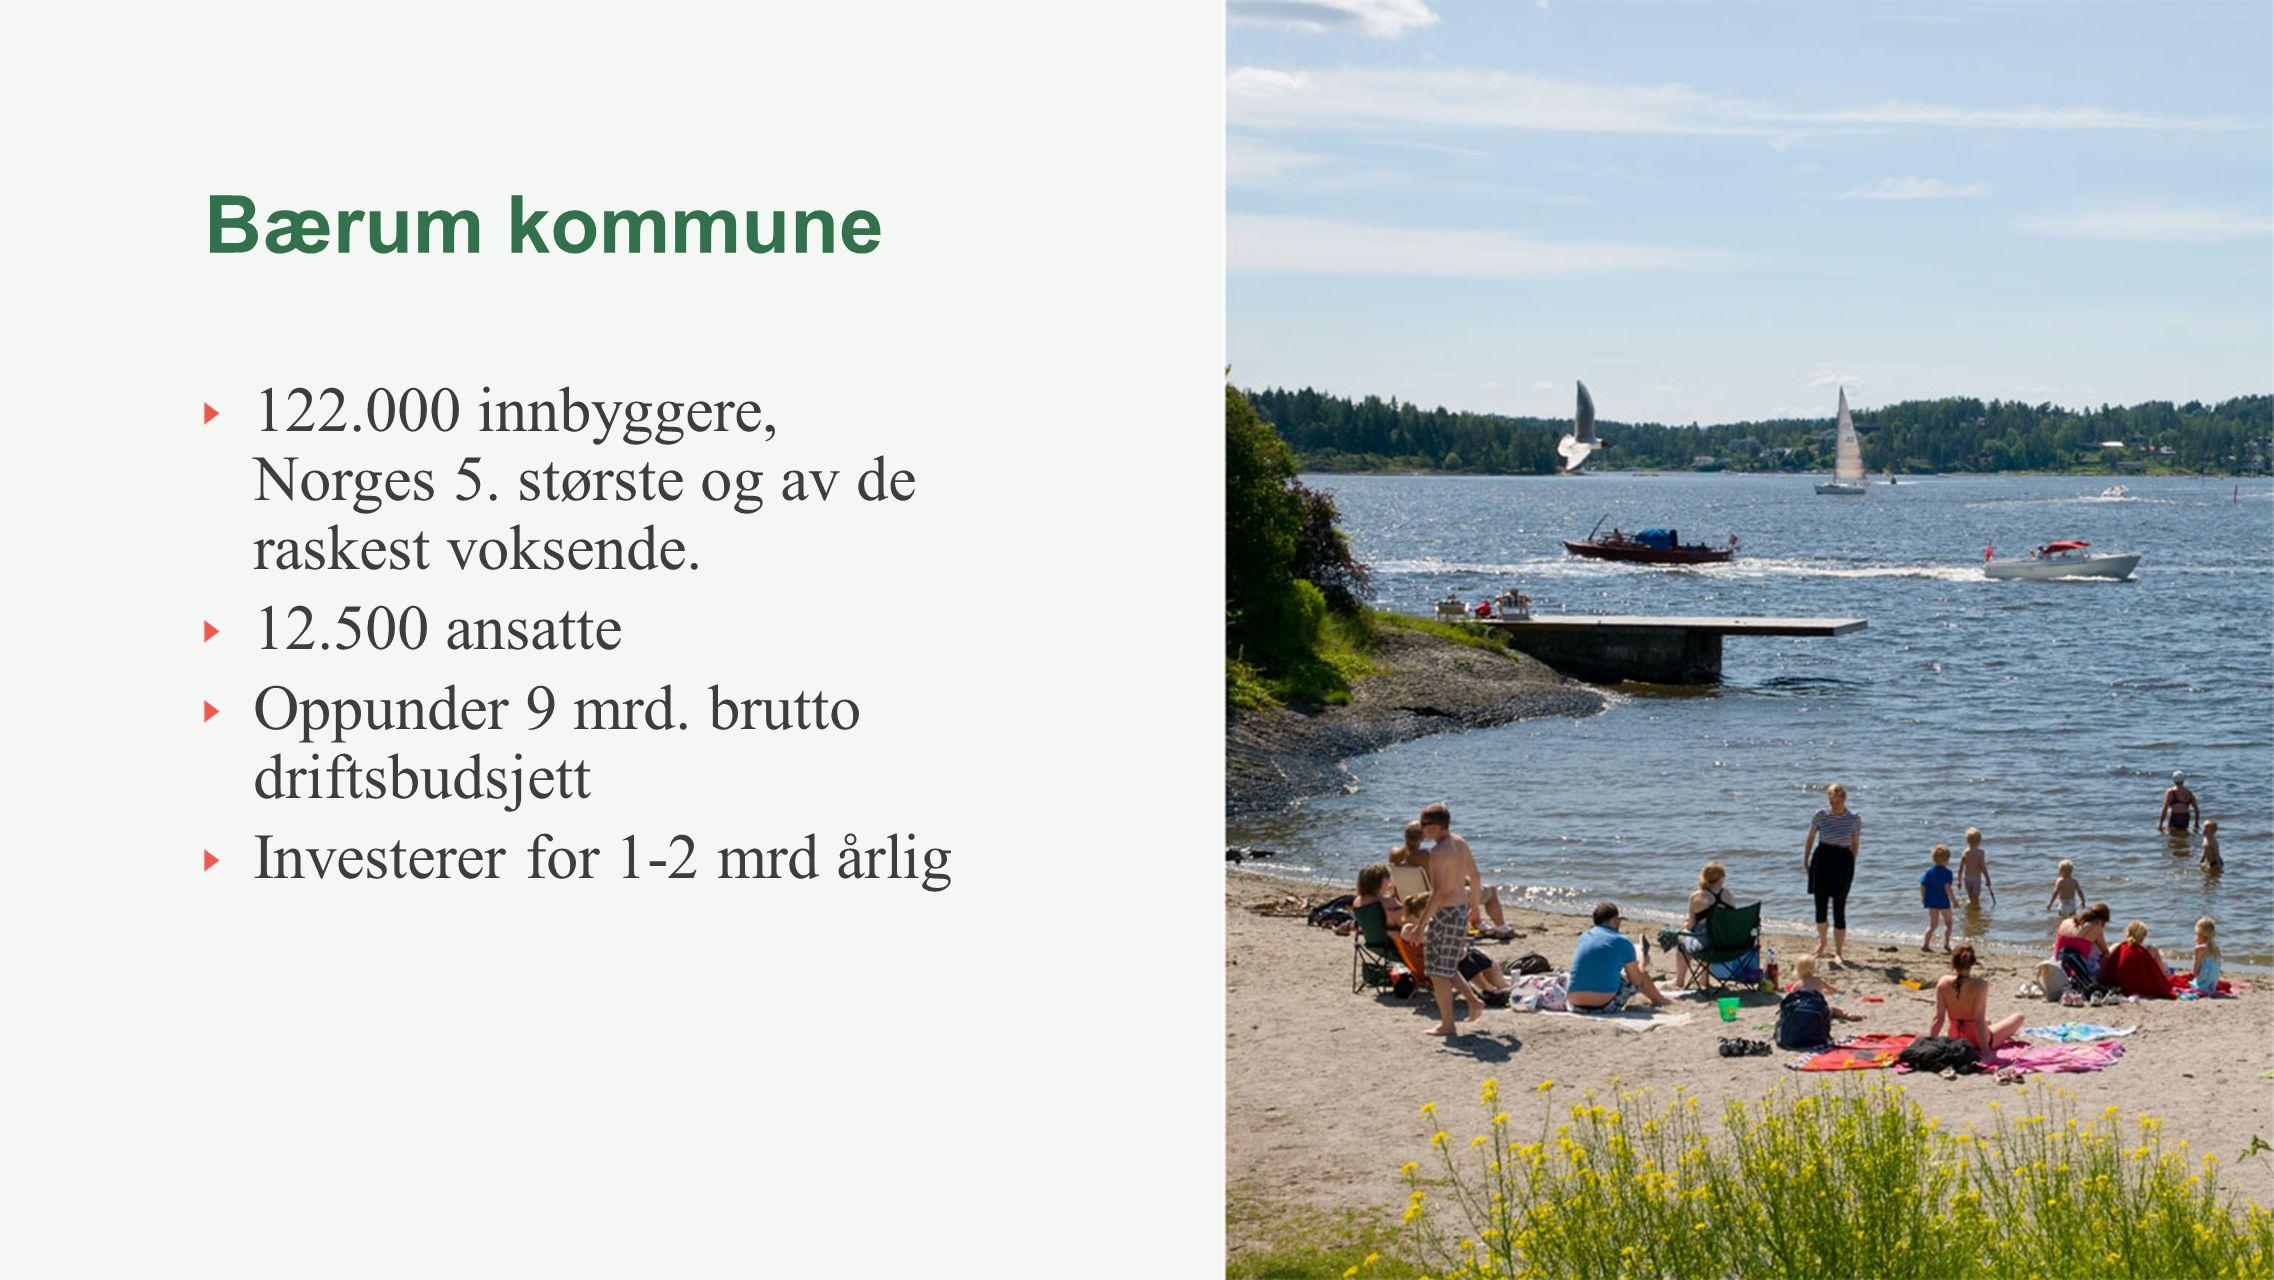 Bærum kommune 122.000 innbyggere, Norges 5. største og av de raskest voksende. 12.500 ansatte Oppunder 9 mrd. brutto driftsbudsjett Investerer for 1-2